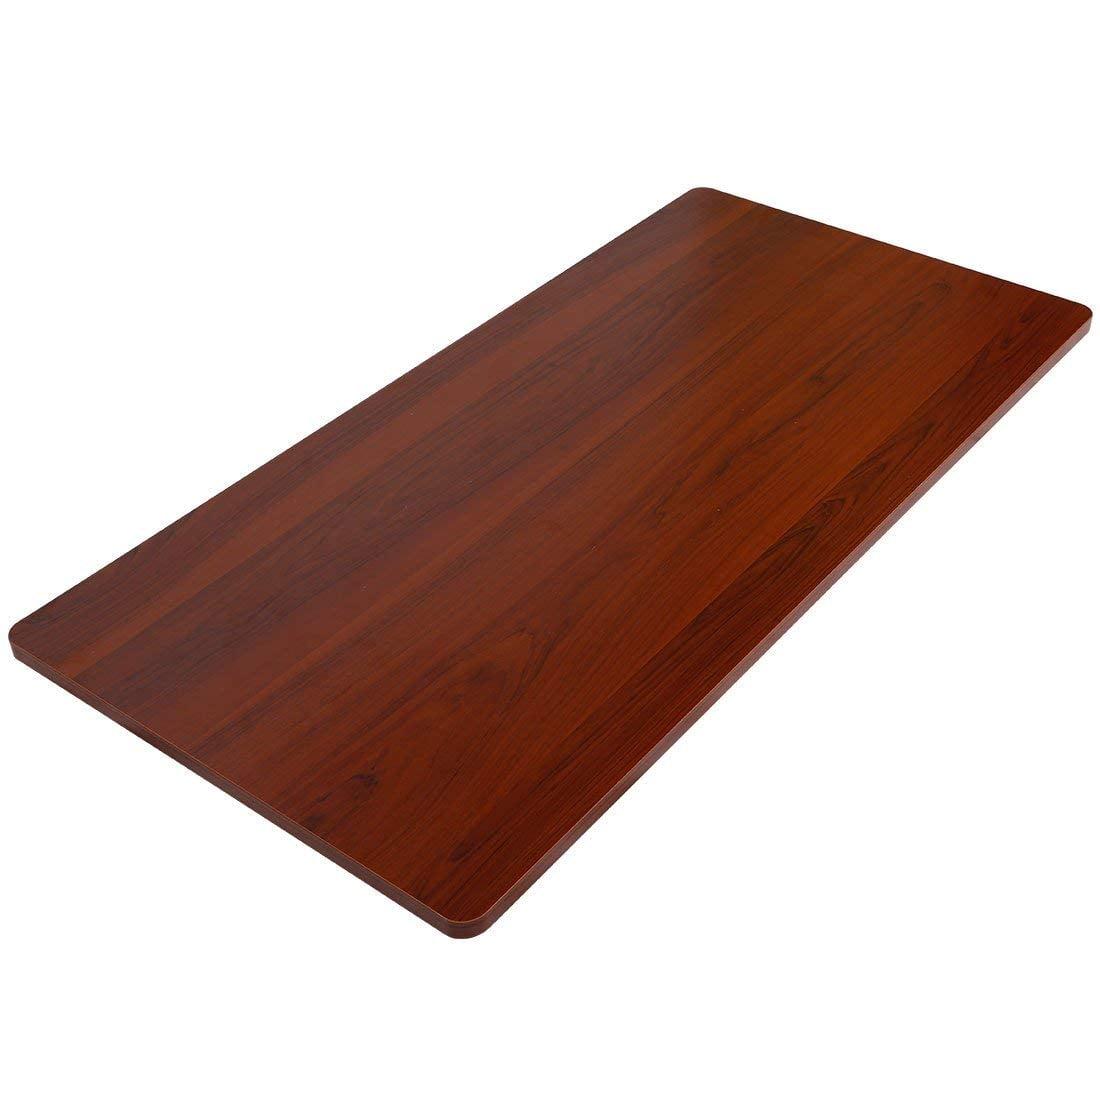 FLEXISPOTオフィステーブル用天板マホガニー